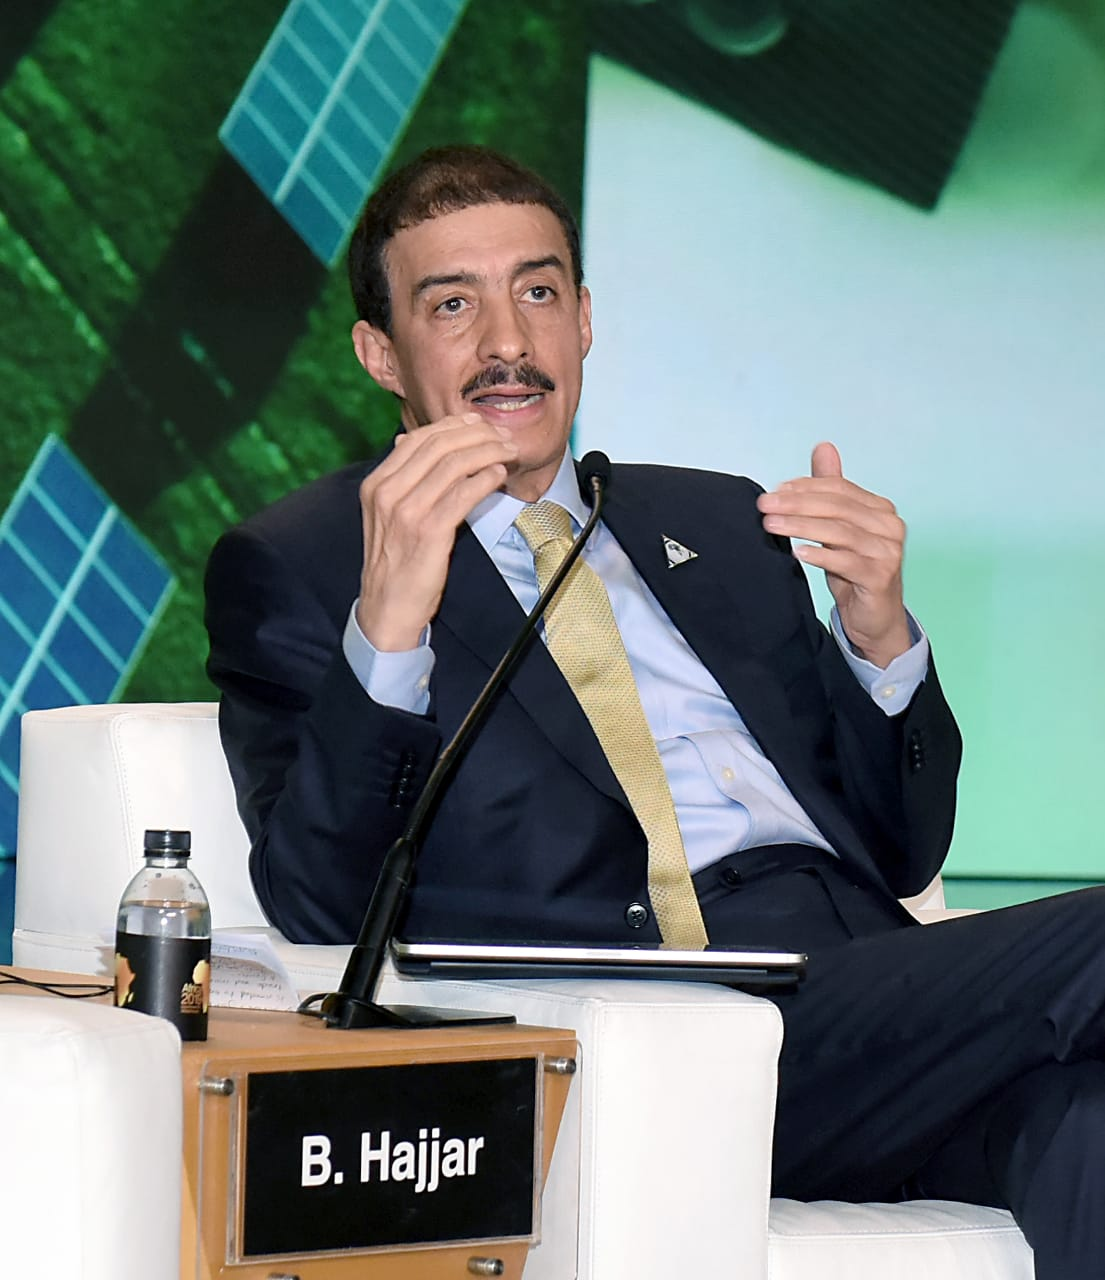 الدكتور بندر الحجار رئيس مجموعة البنك الإسلامى للتنمية